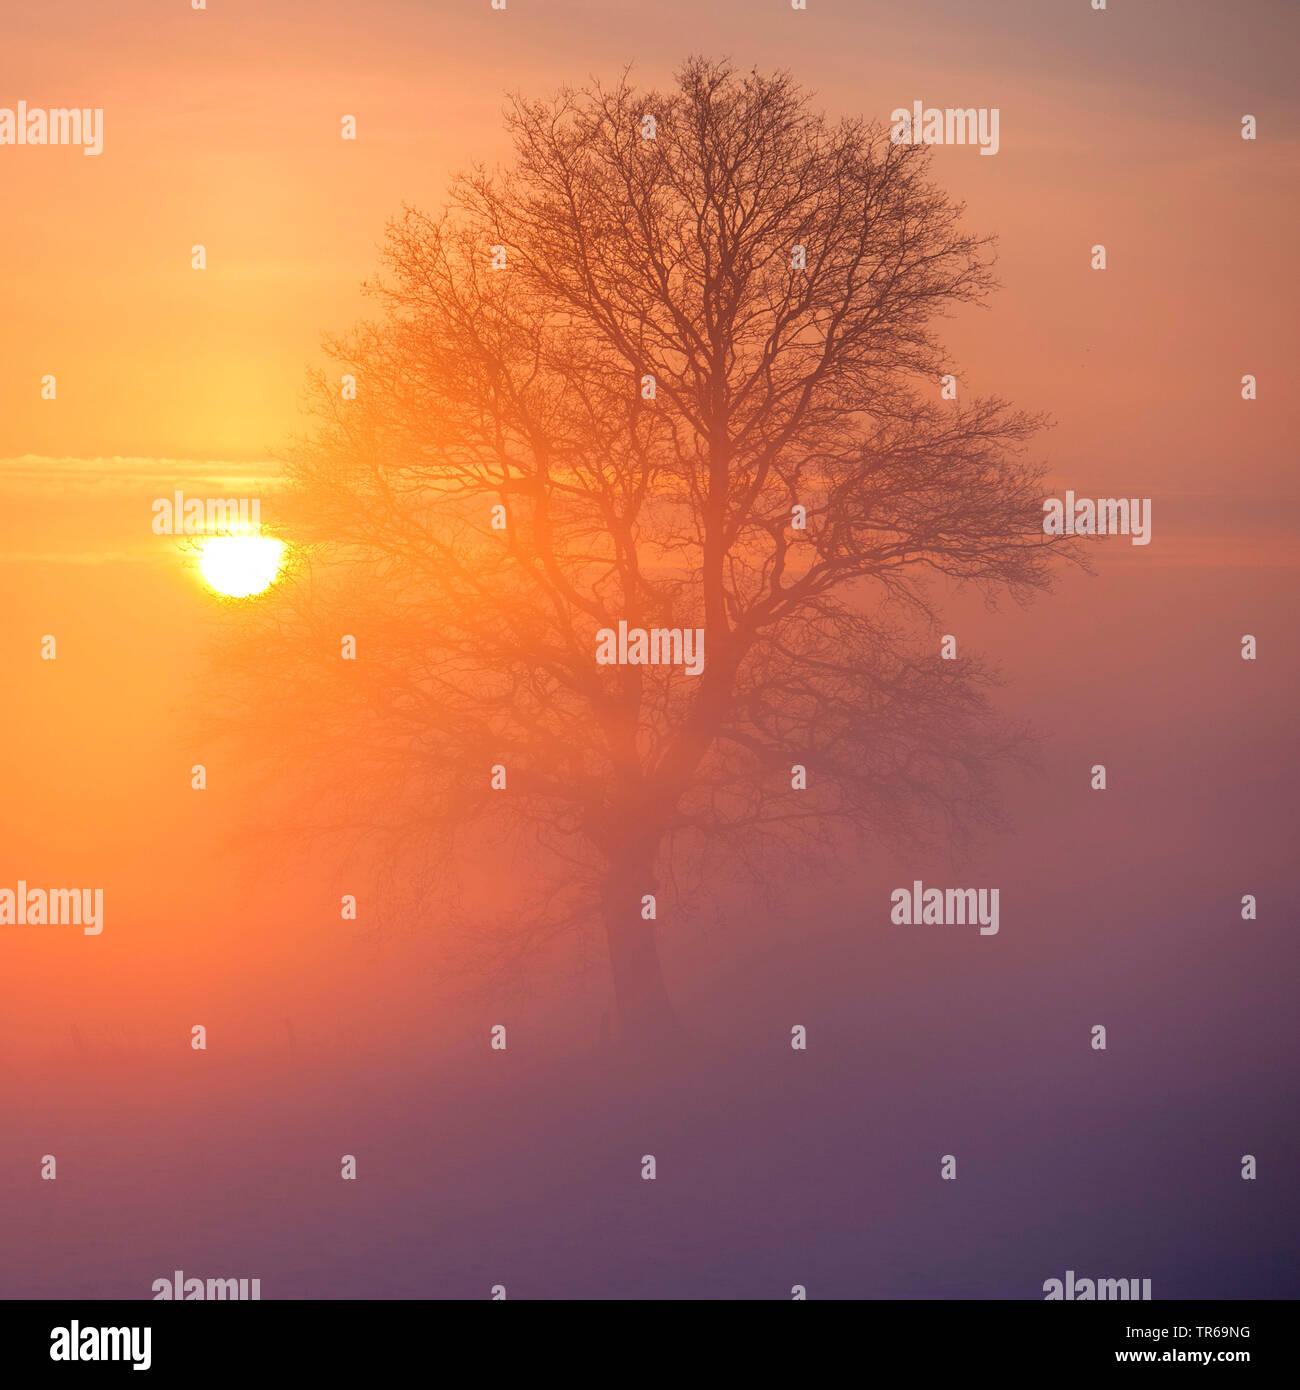 Eiche (Quercus spec.), Eiche im Raureif im Nebel, Deutschland, Niedersachsen   oak (Quercus spec.), oak with hoarfrost in fog, Germany, Lower Saxony   - Stock Image